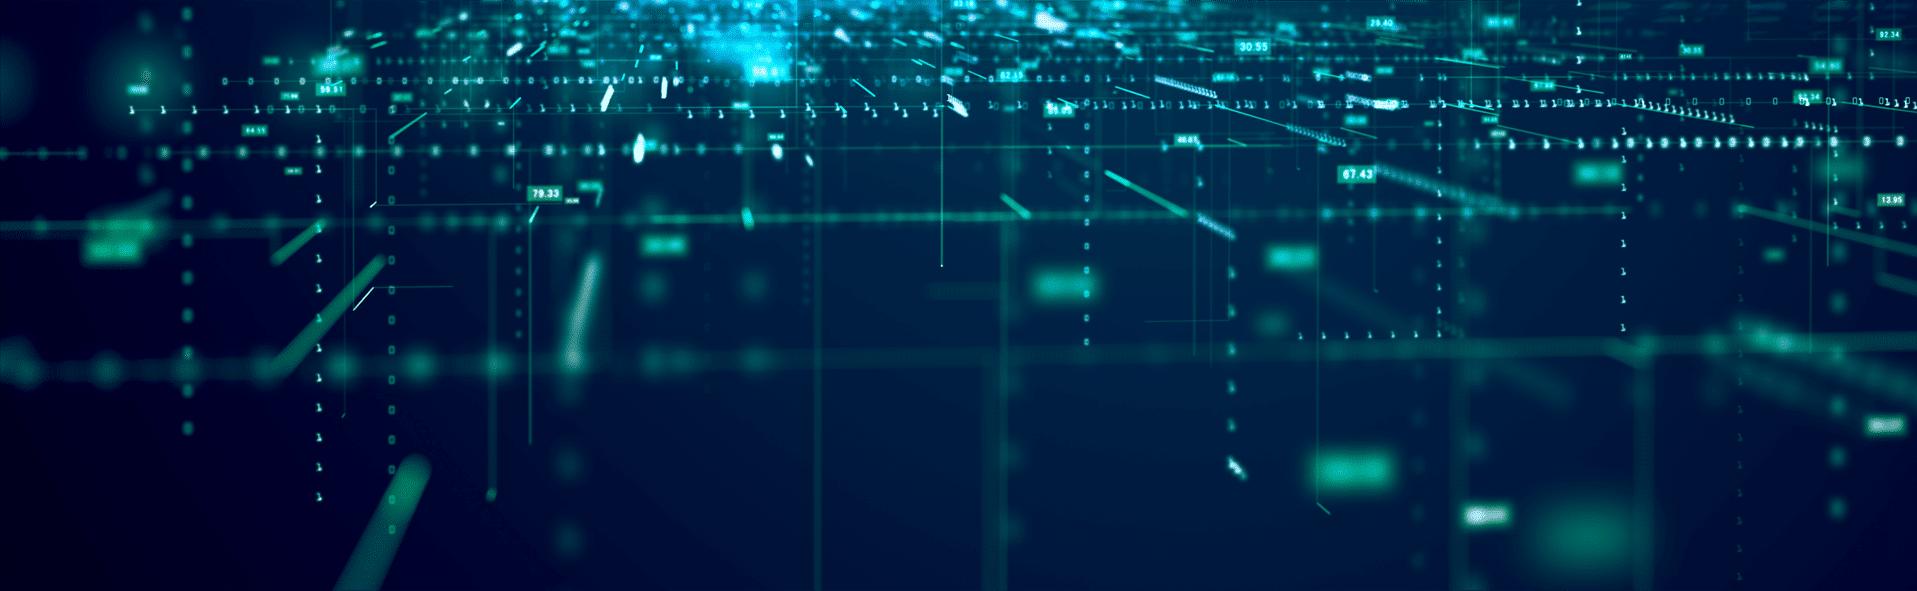 Data Engineering Hero Background